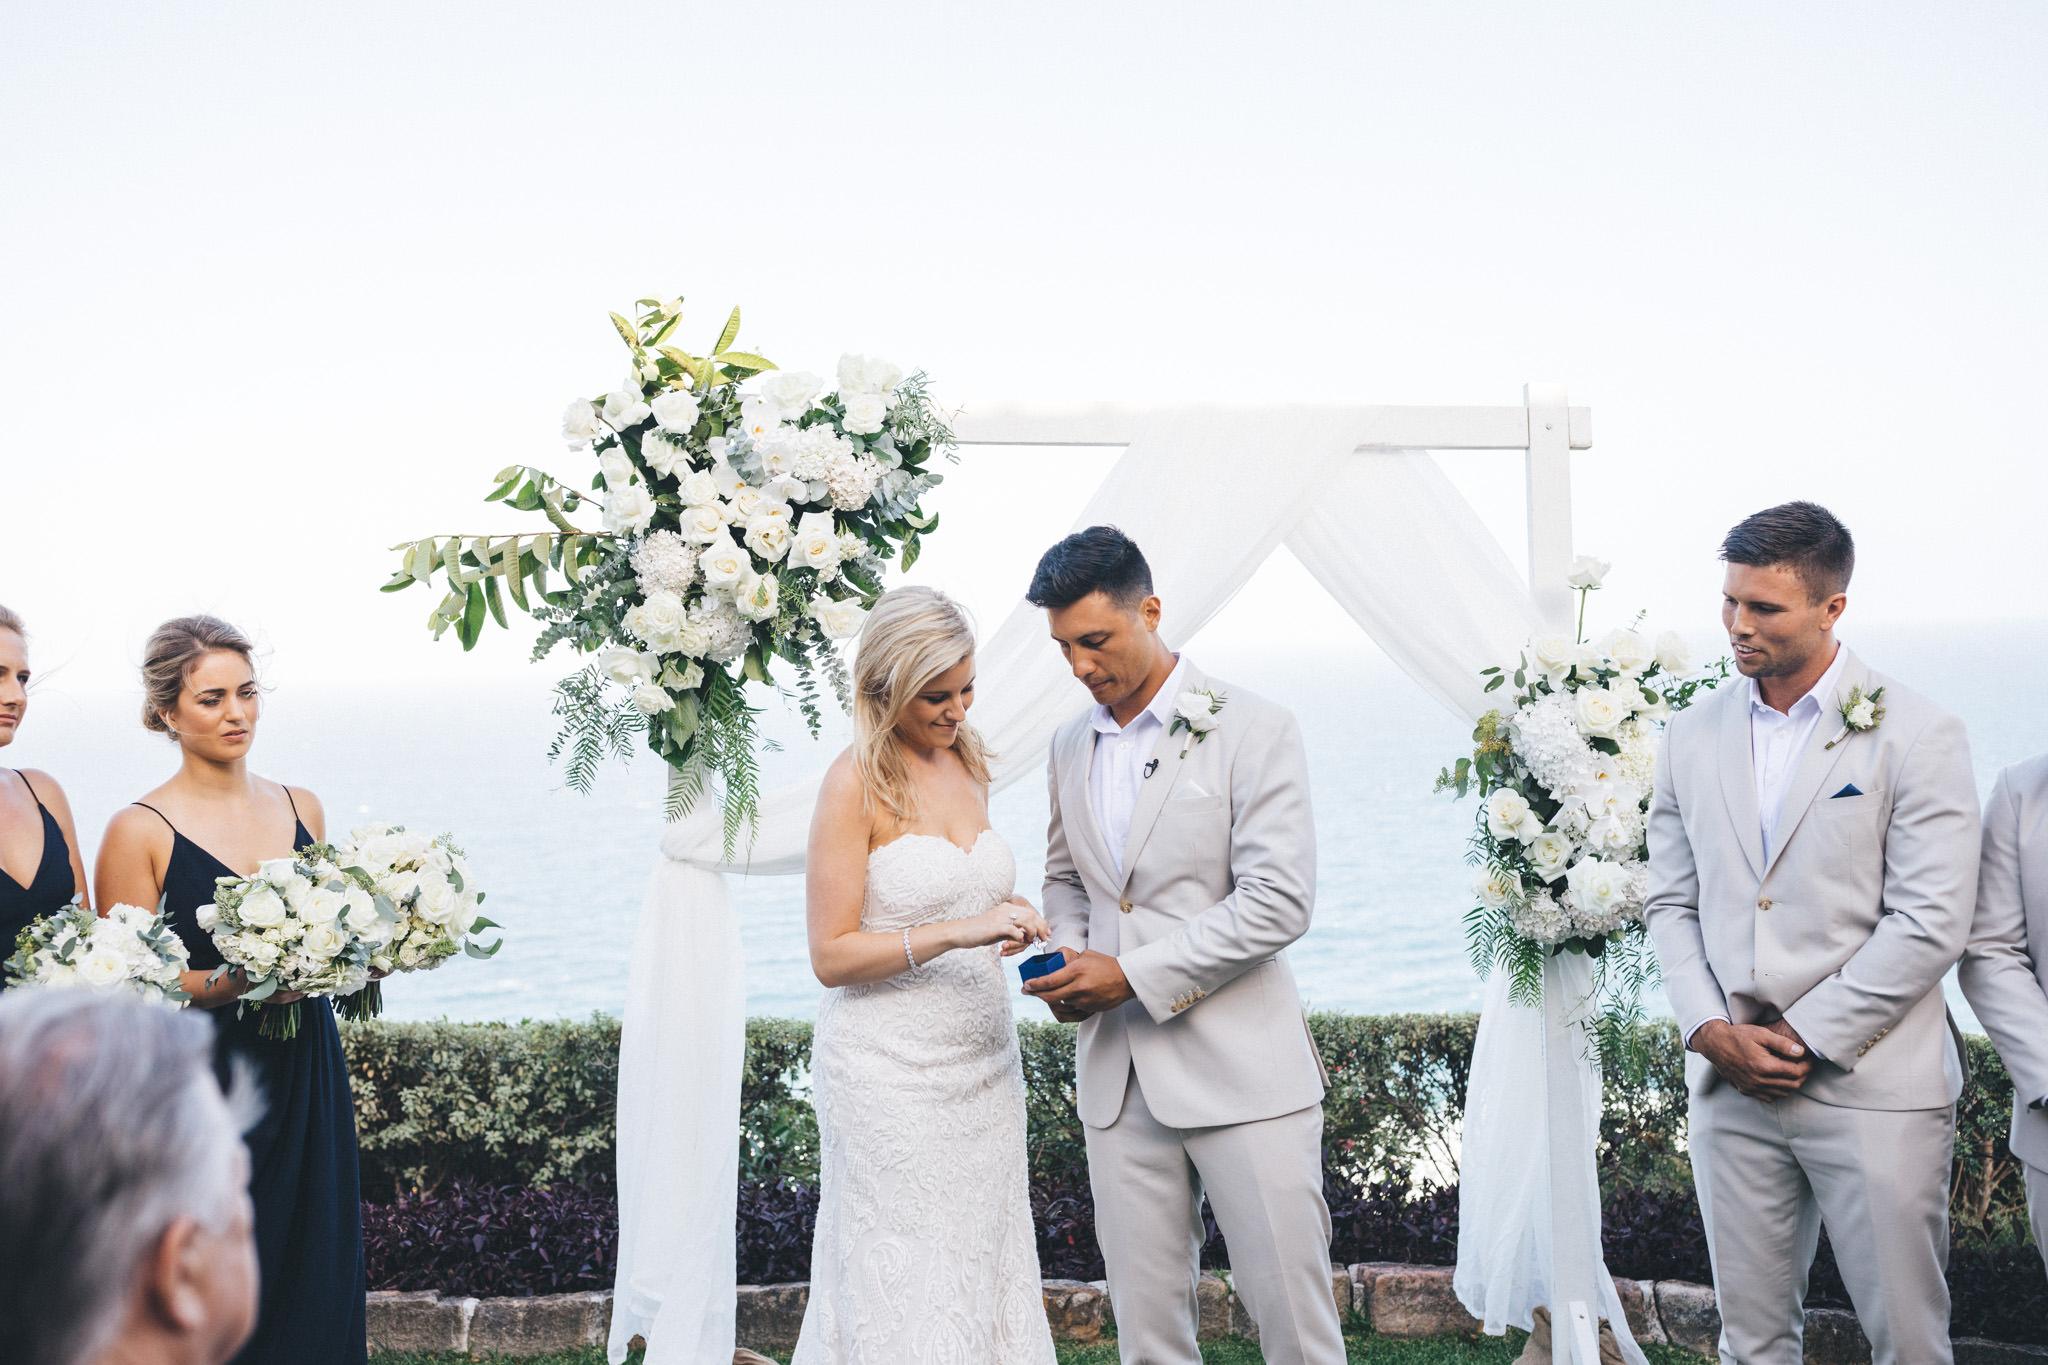 Ann-Marie-Yuen-Photography-Whale-Beach-Wedding-0139.jpg